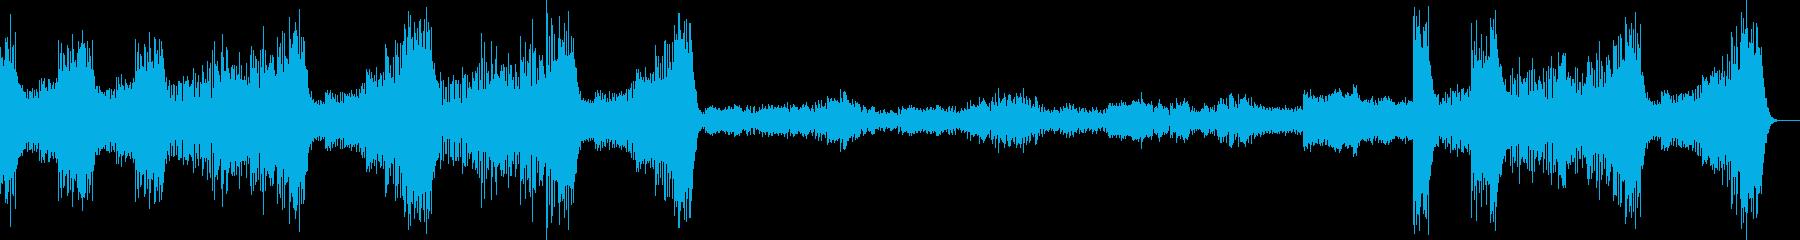 クープランの墓より第四楽章リゴドンの再生済みの波形